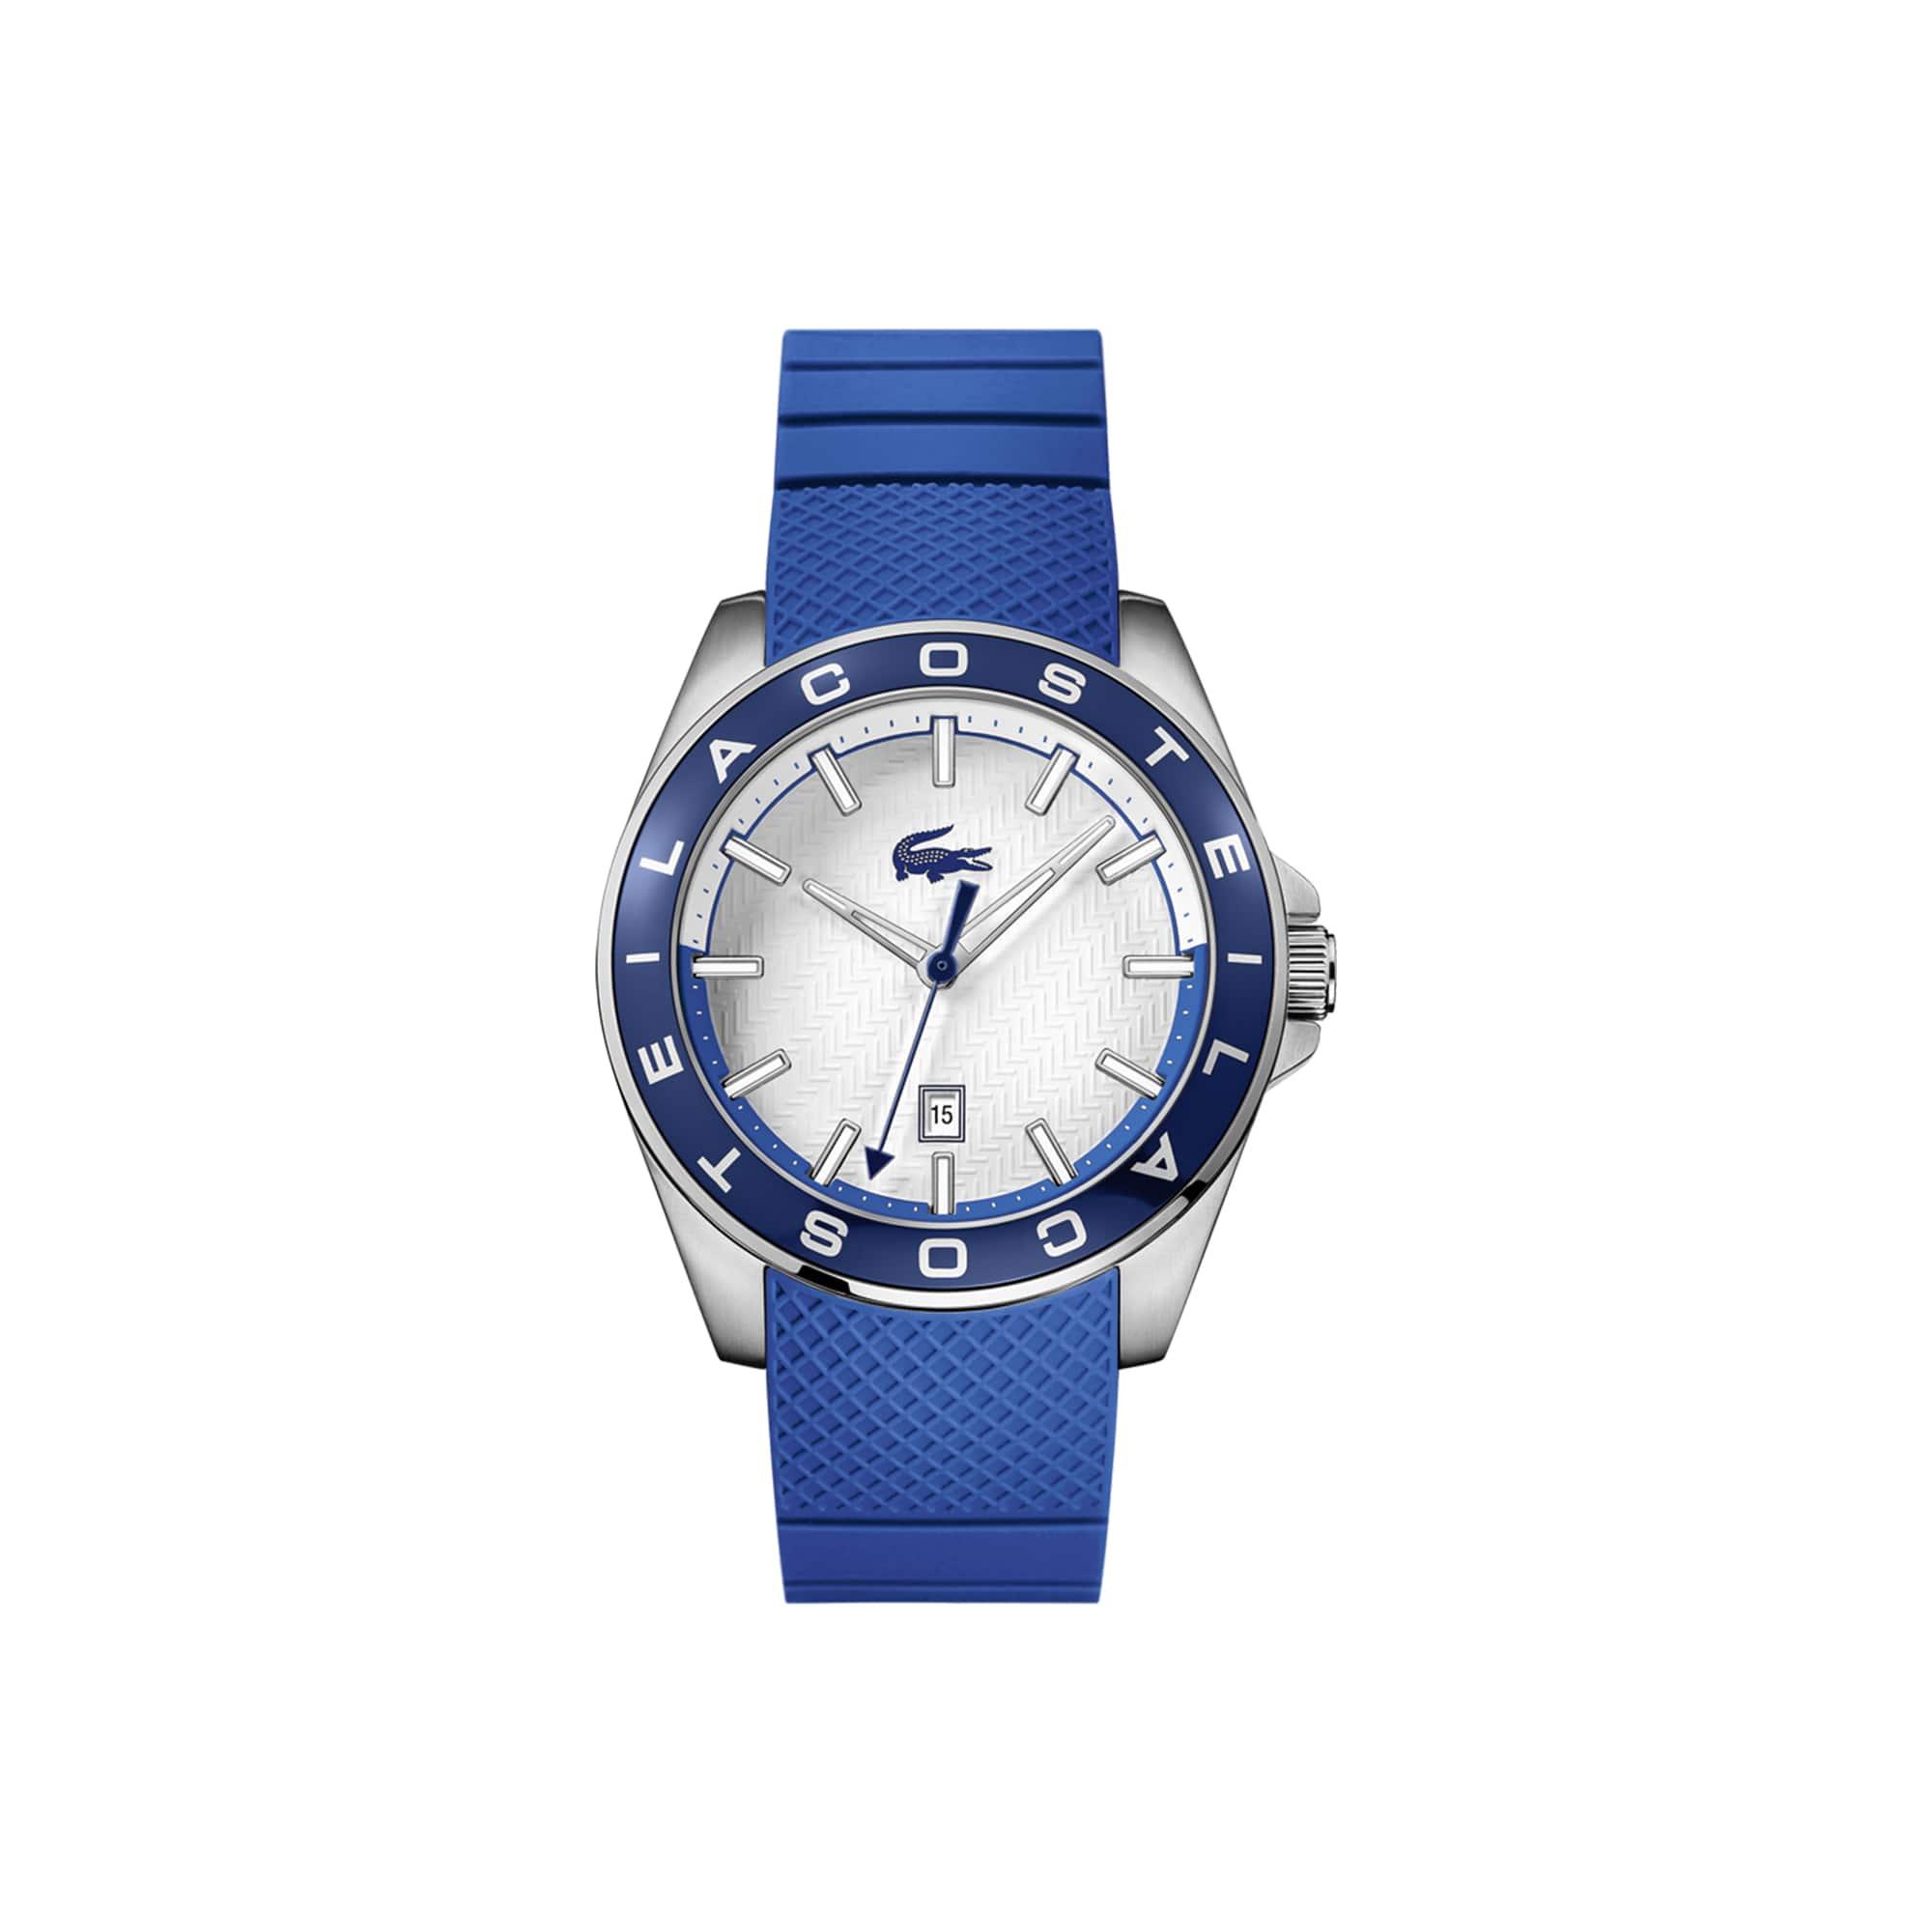 Relógio Westport Homem com Bracelete em Silicone Azul